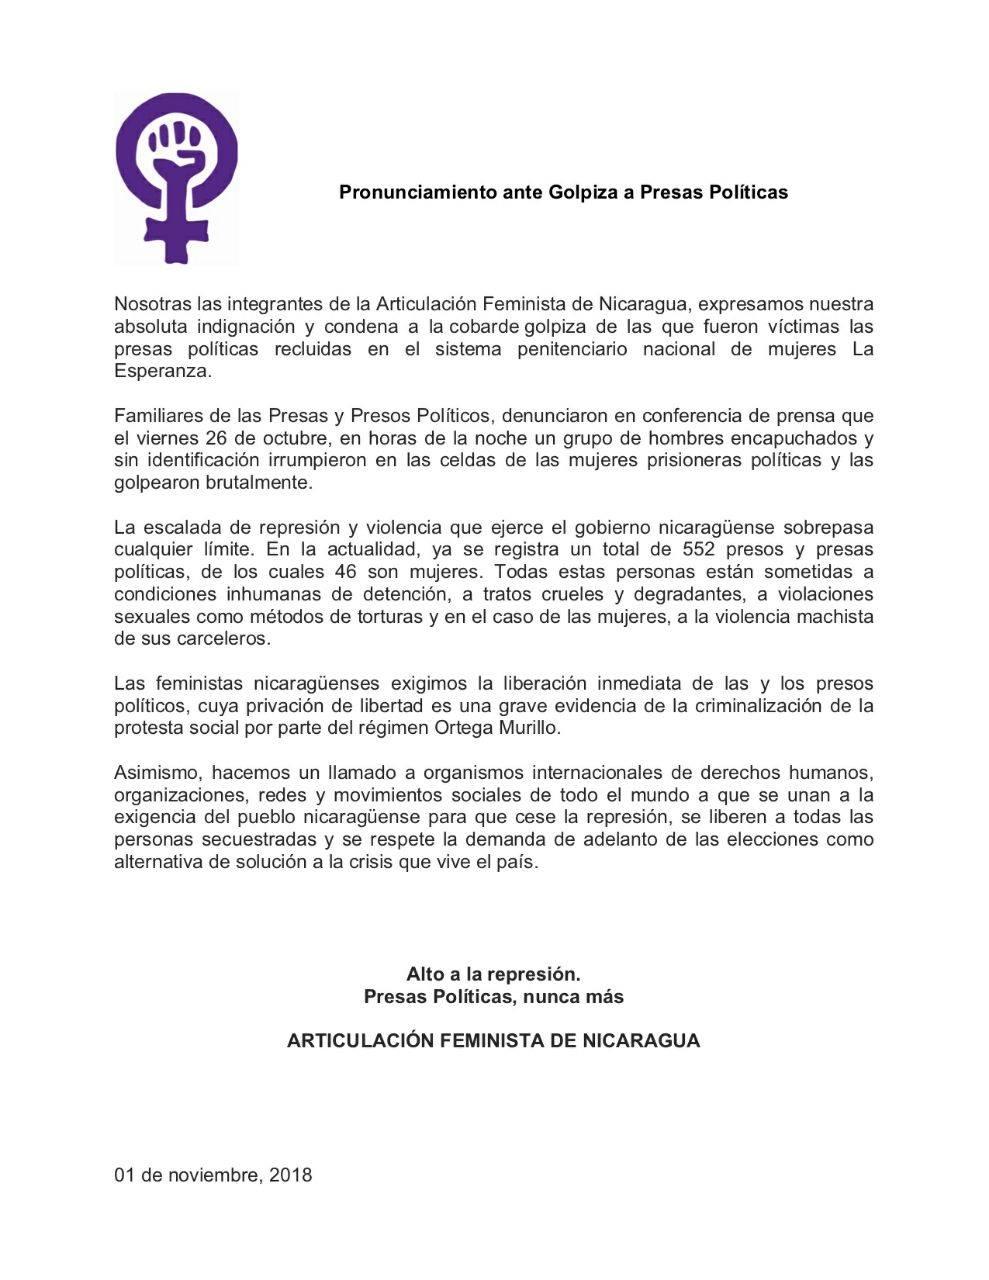 Pronunciamiento de la Articulación Feminista de Nicaragua